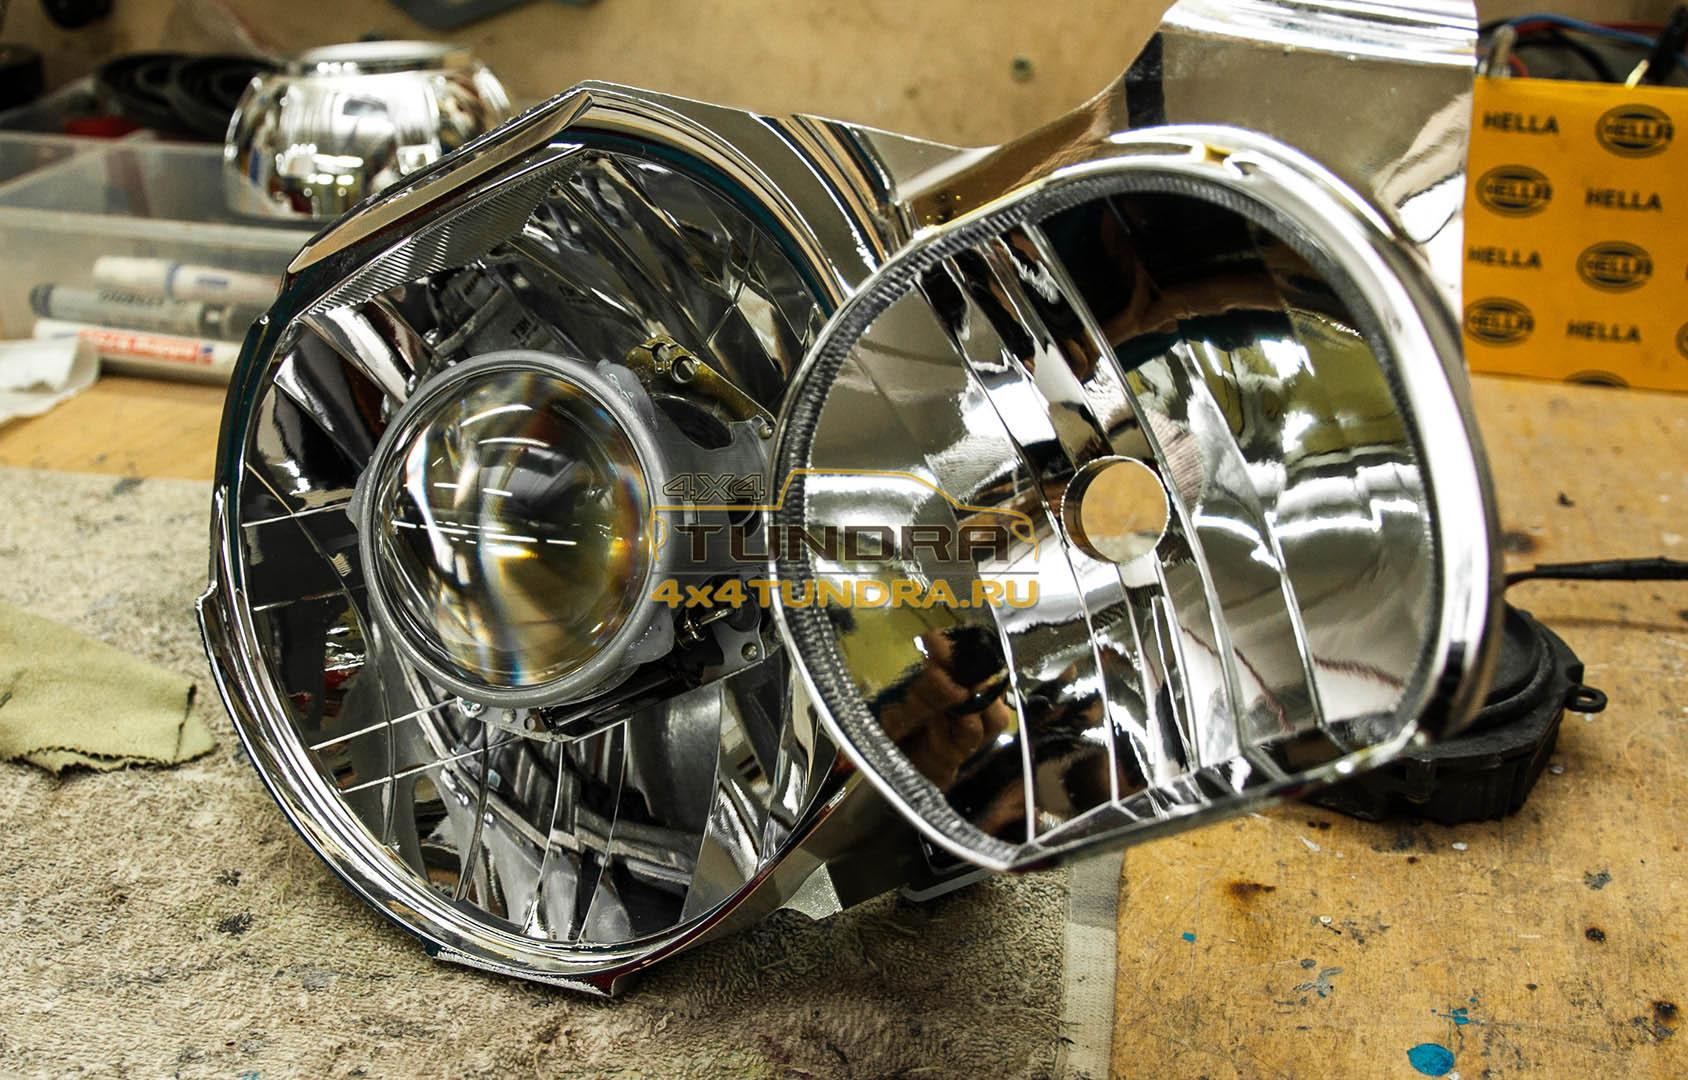 Toyota-Tundra-headlights-hella-xenon-lens-1